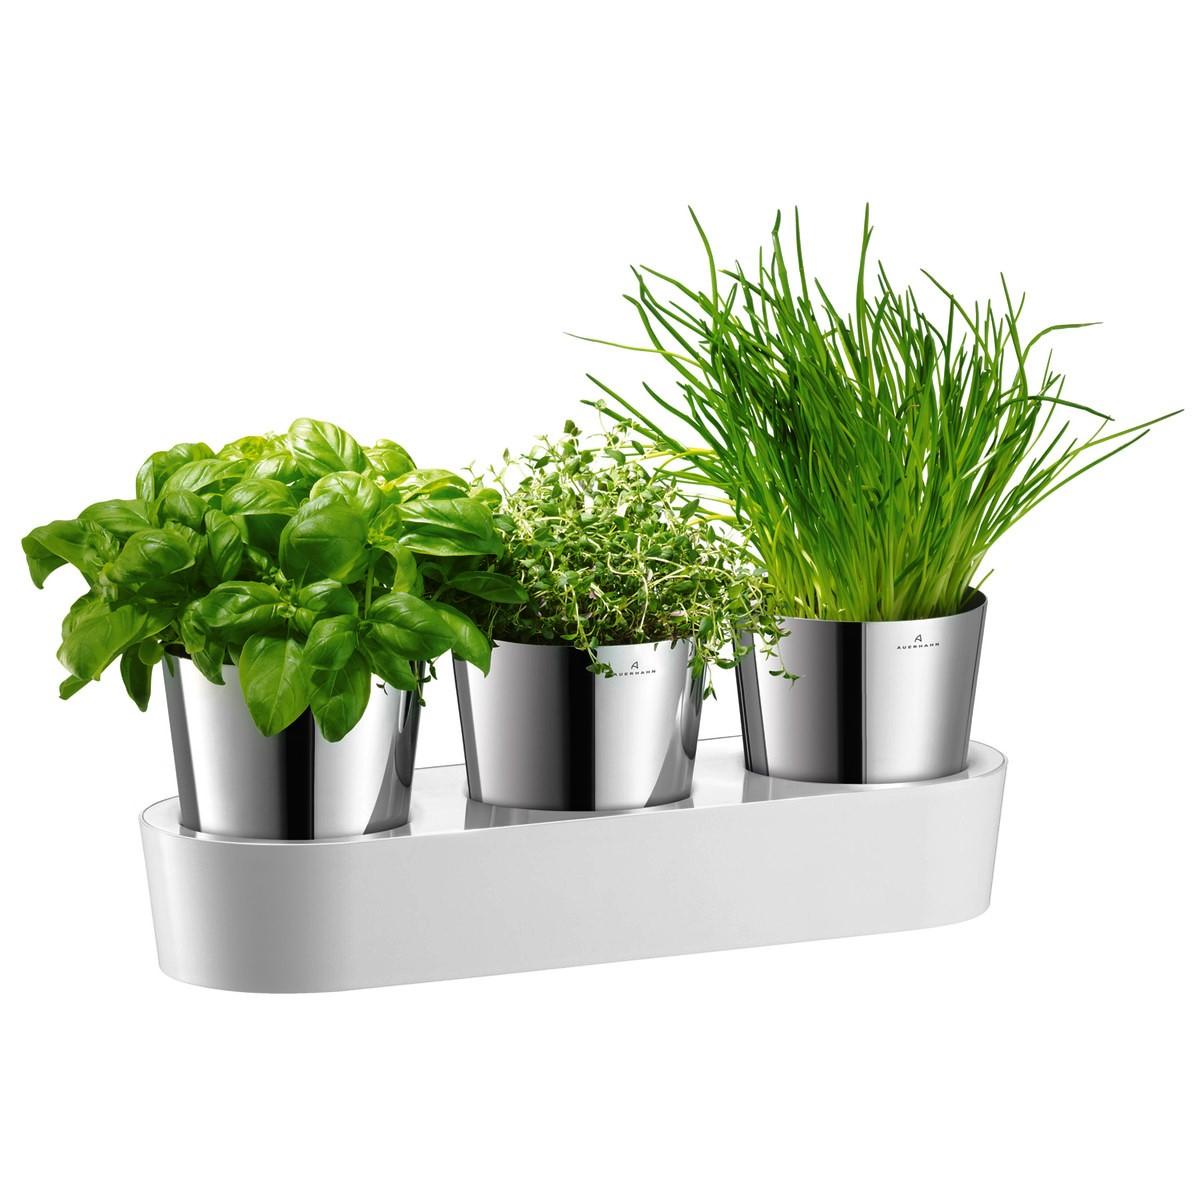 Онлайн каталог PROMENU: Набор горшочков с гидросистемой для выращивания зелени WMF Gourmet, 36х12,8 см                                   06 4130 6040